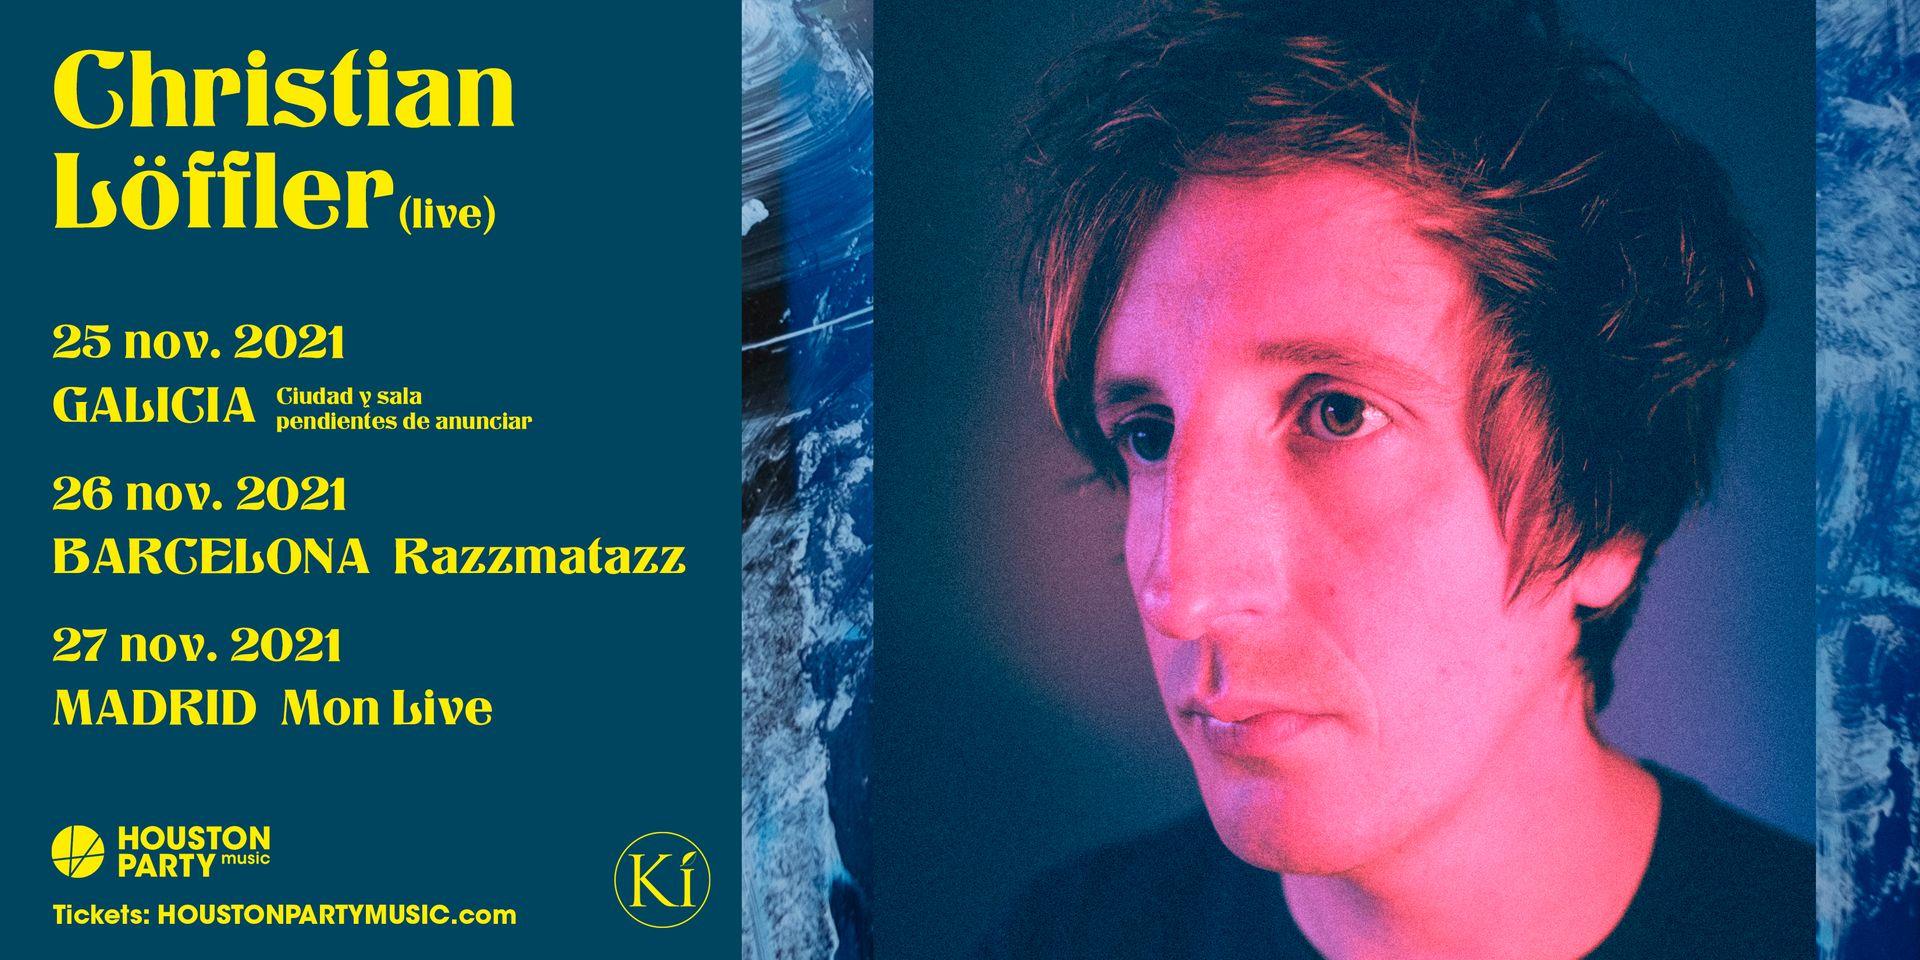 Christian Löffler, este noviembre en Galicia, Barcelona y Madrid